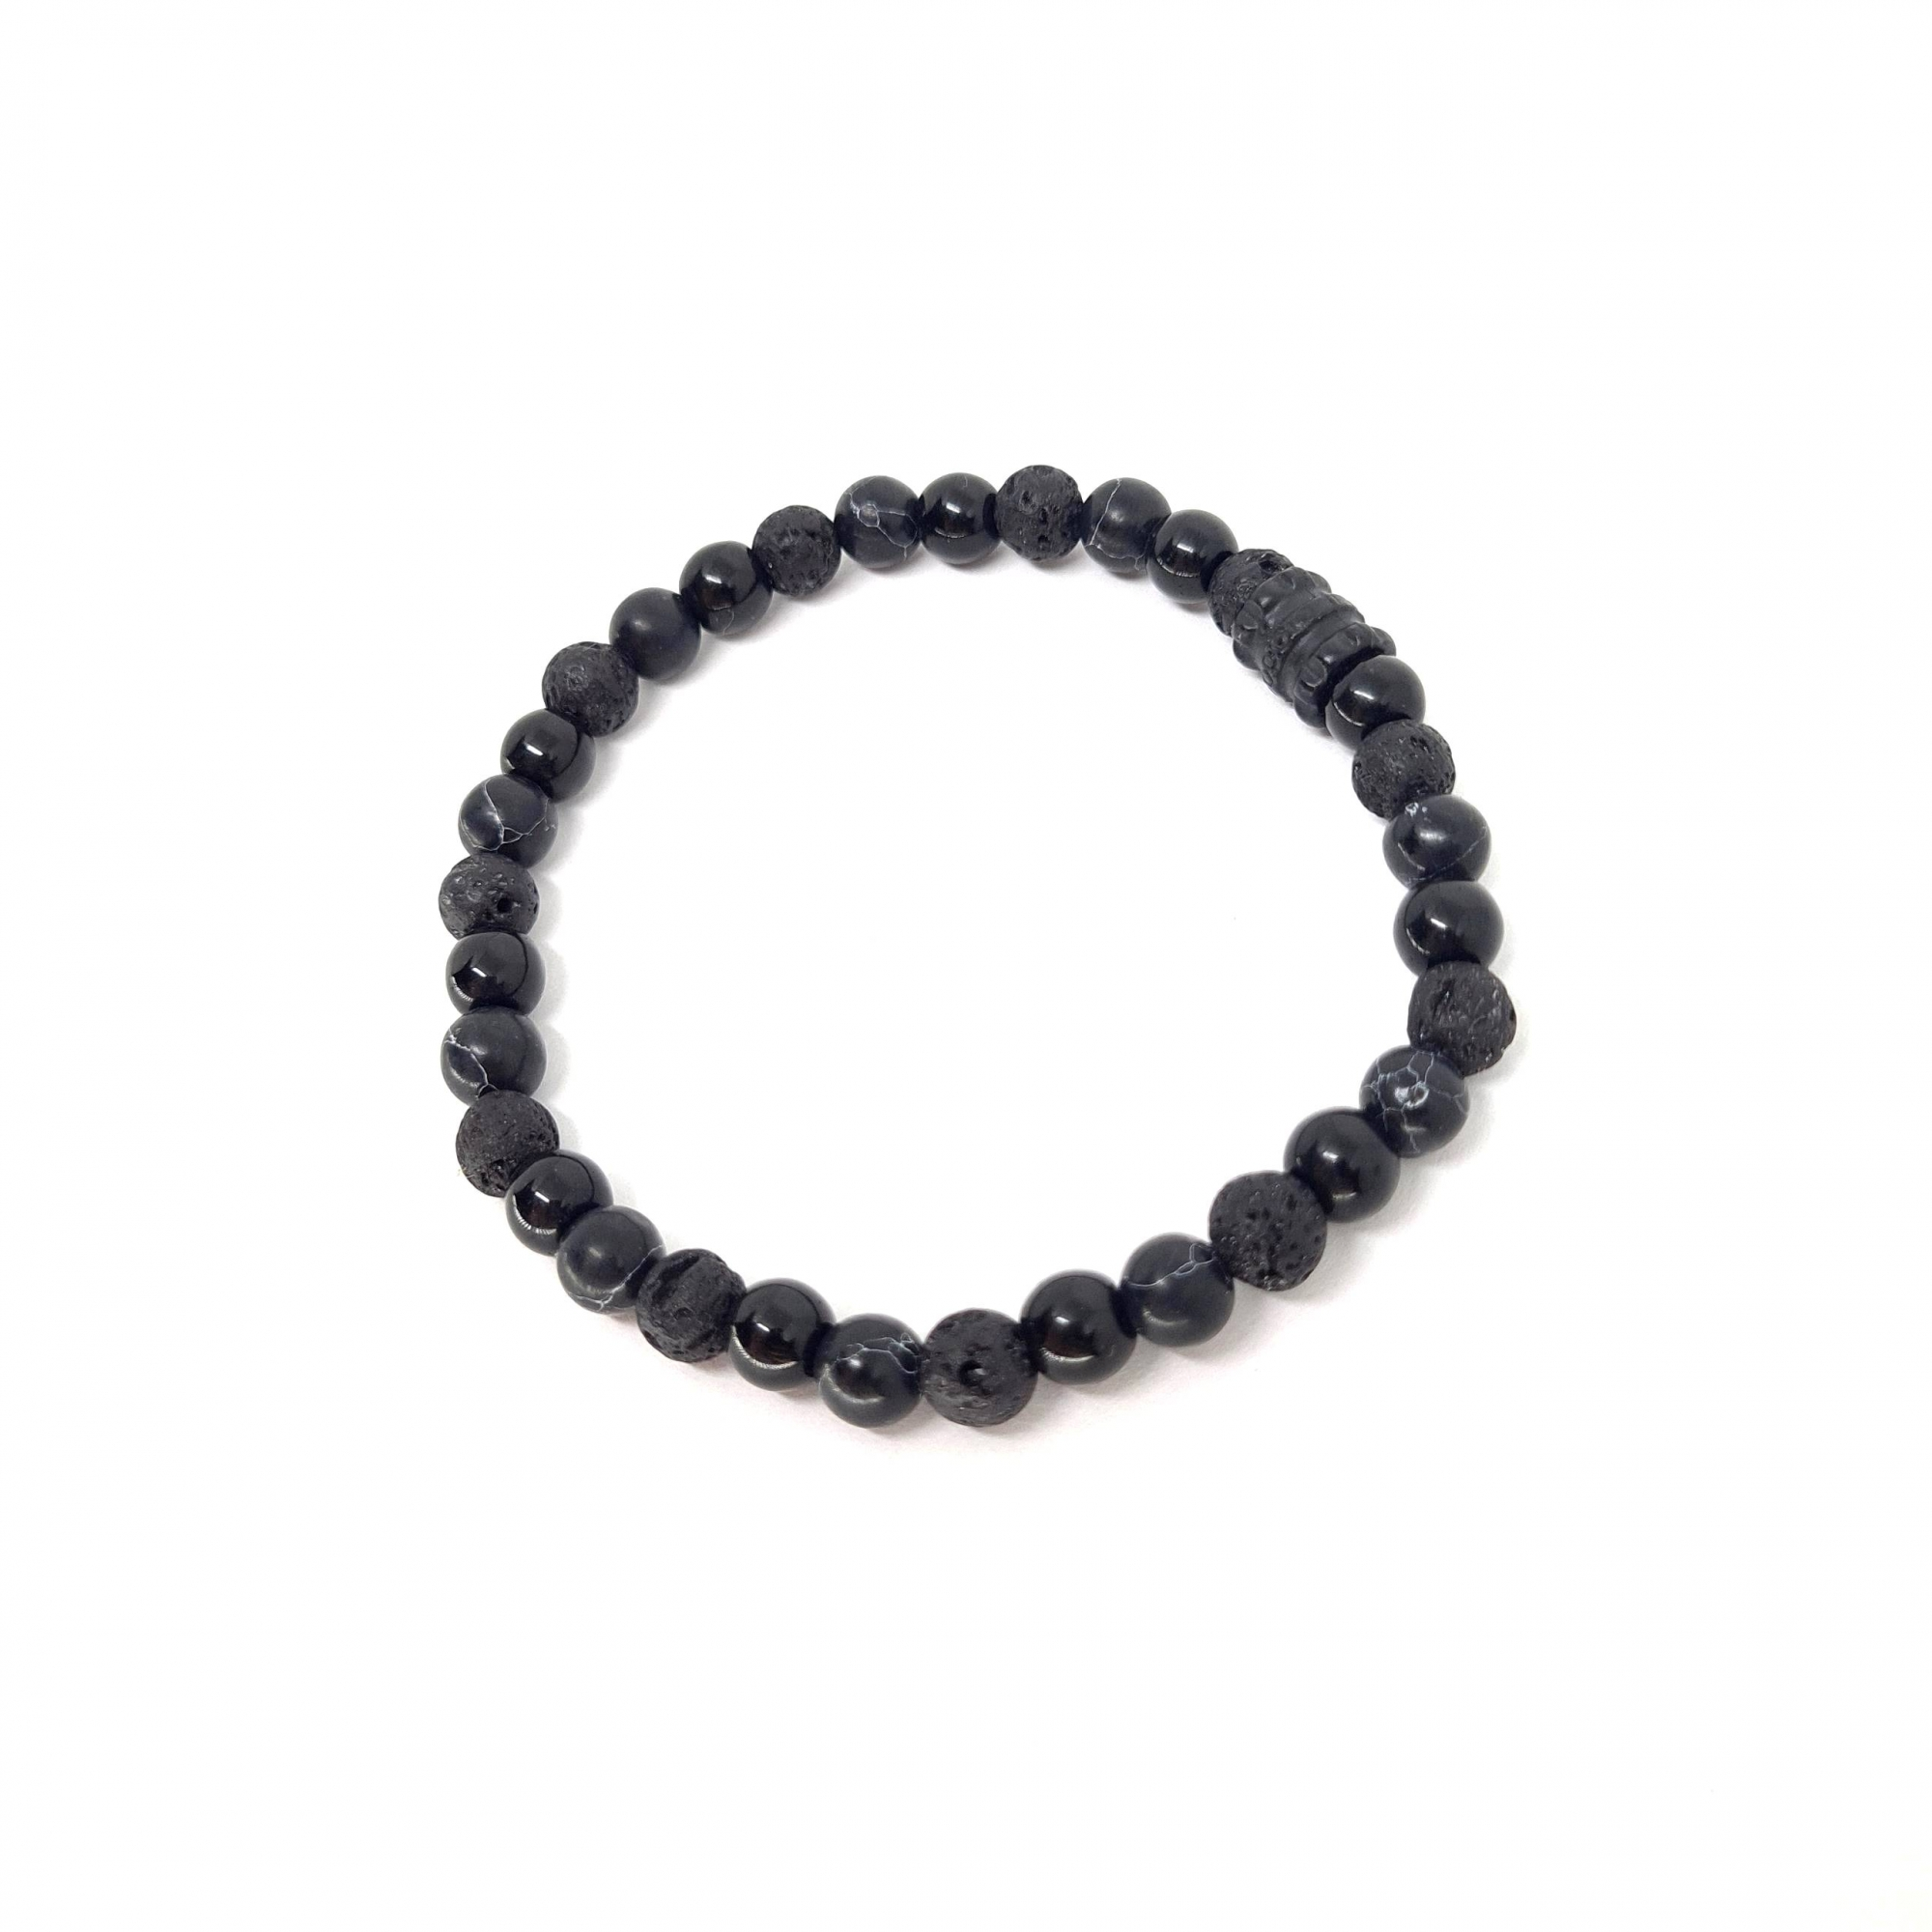 Pulseira Mix de Pedras Naturais Black Series